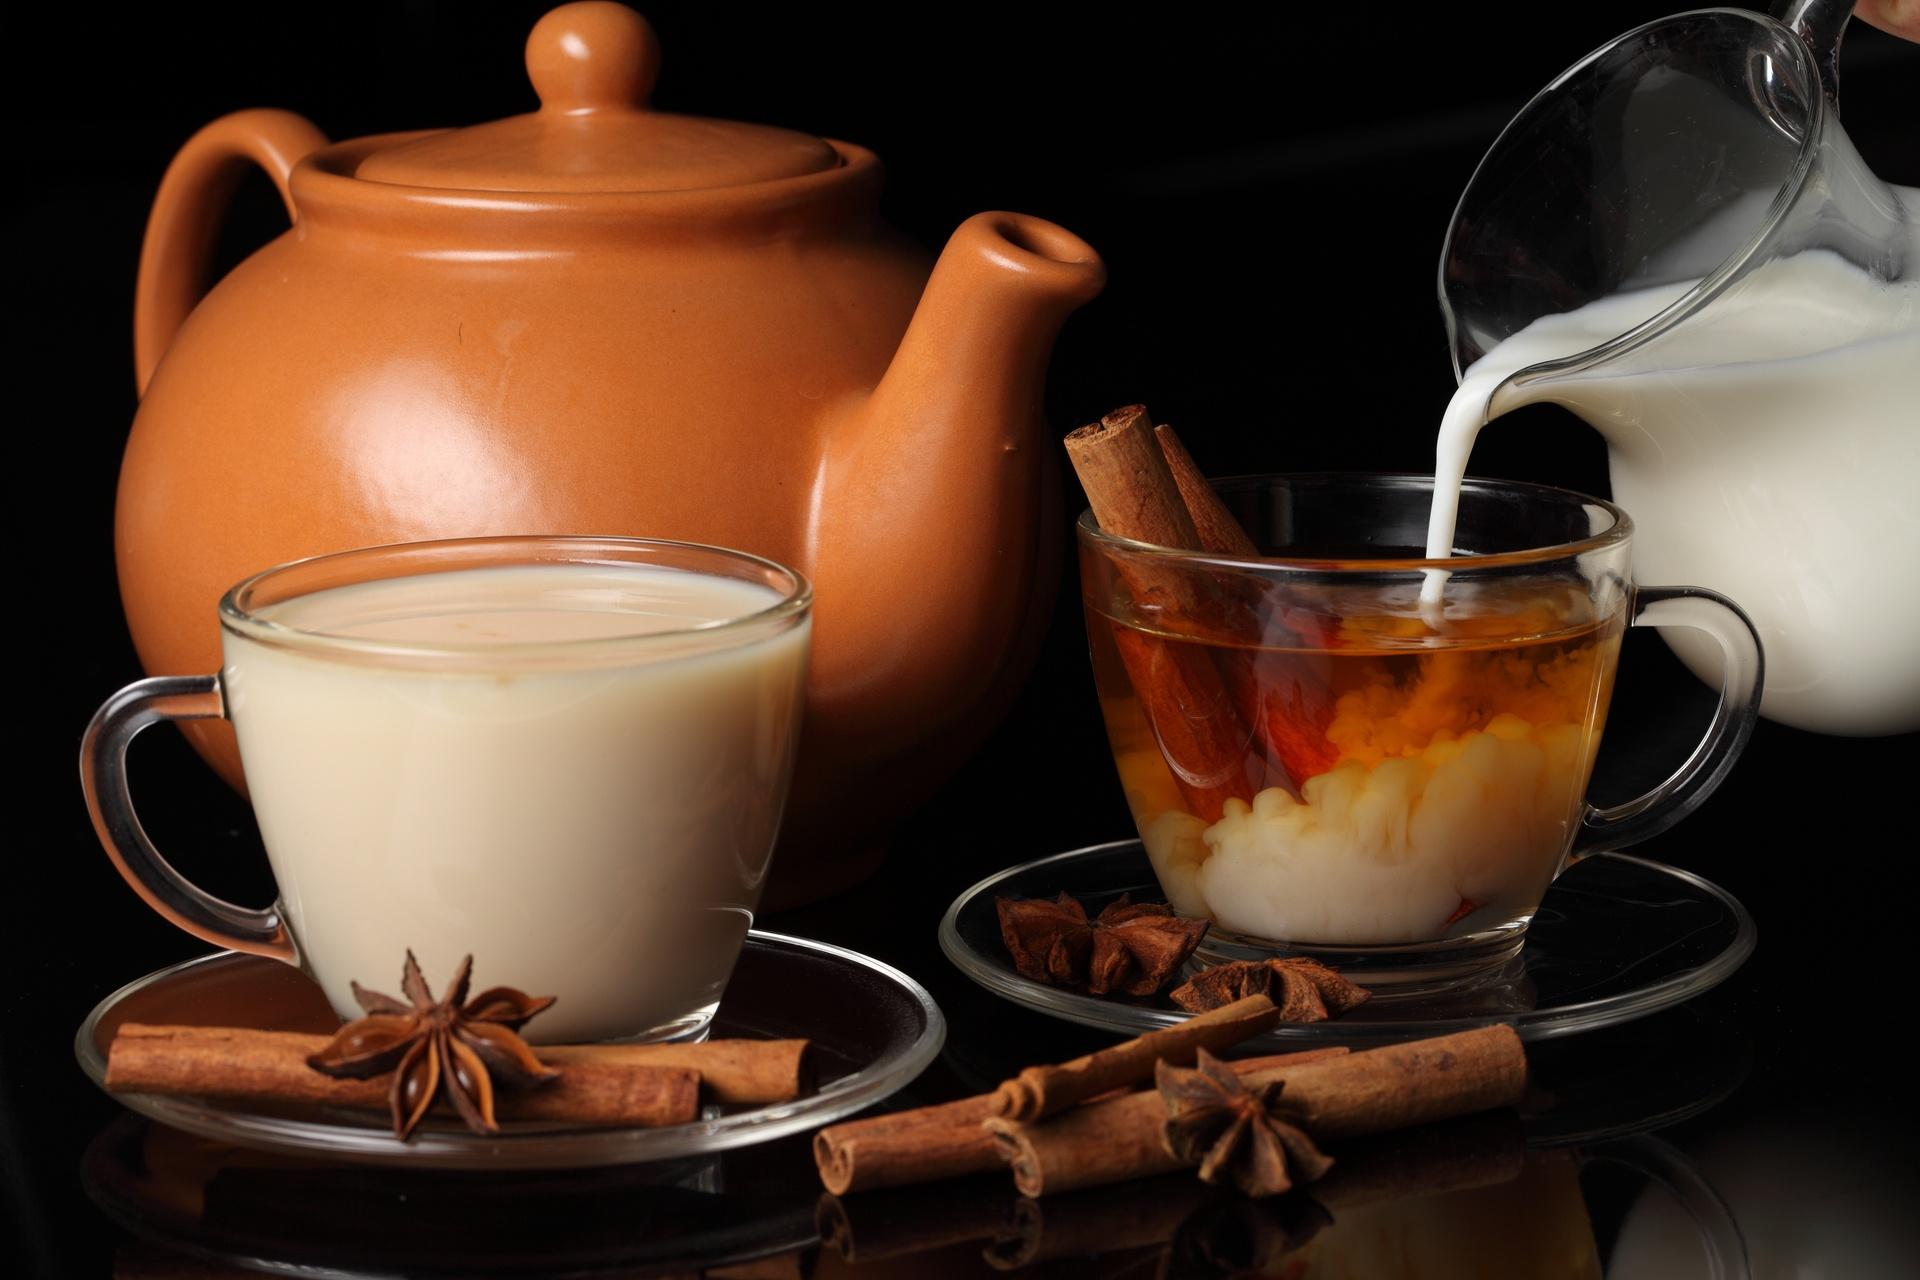 Дворяне и аристократы употребляли чай на европейский манер